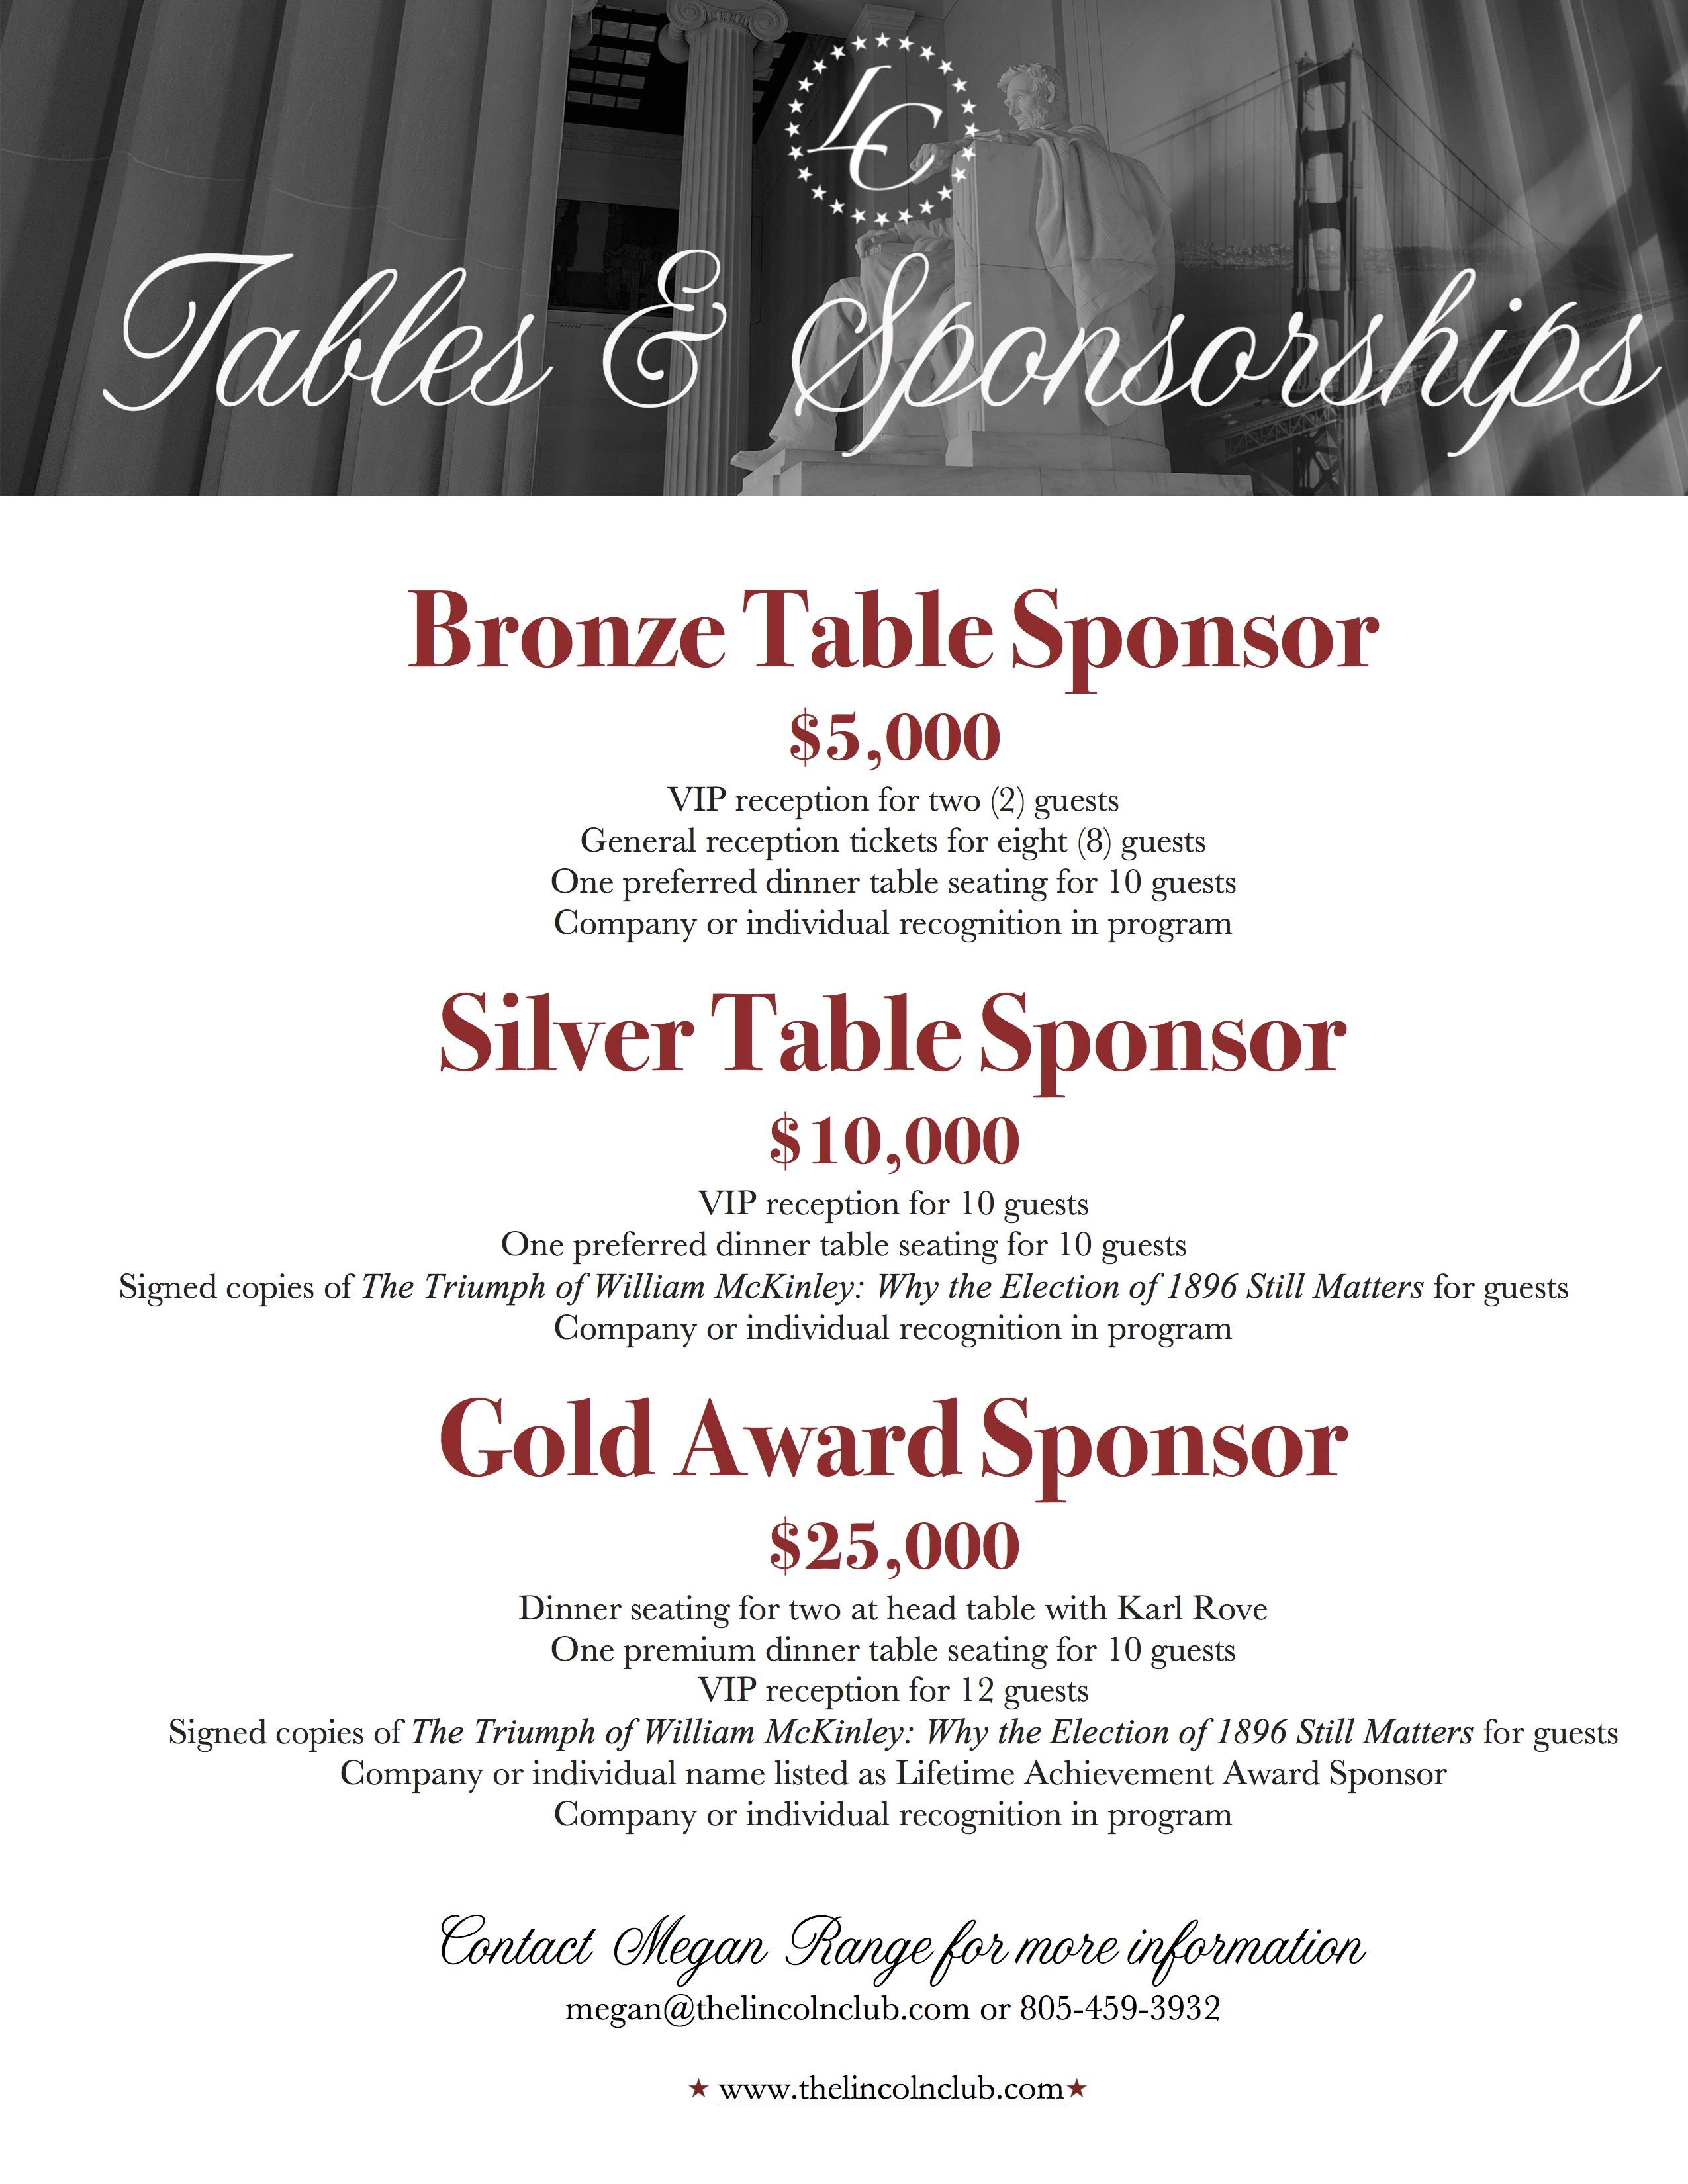 2018_Annual_Dinner_Sponsorship_Opportunties_REVISED.jpg